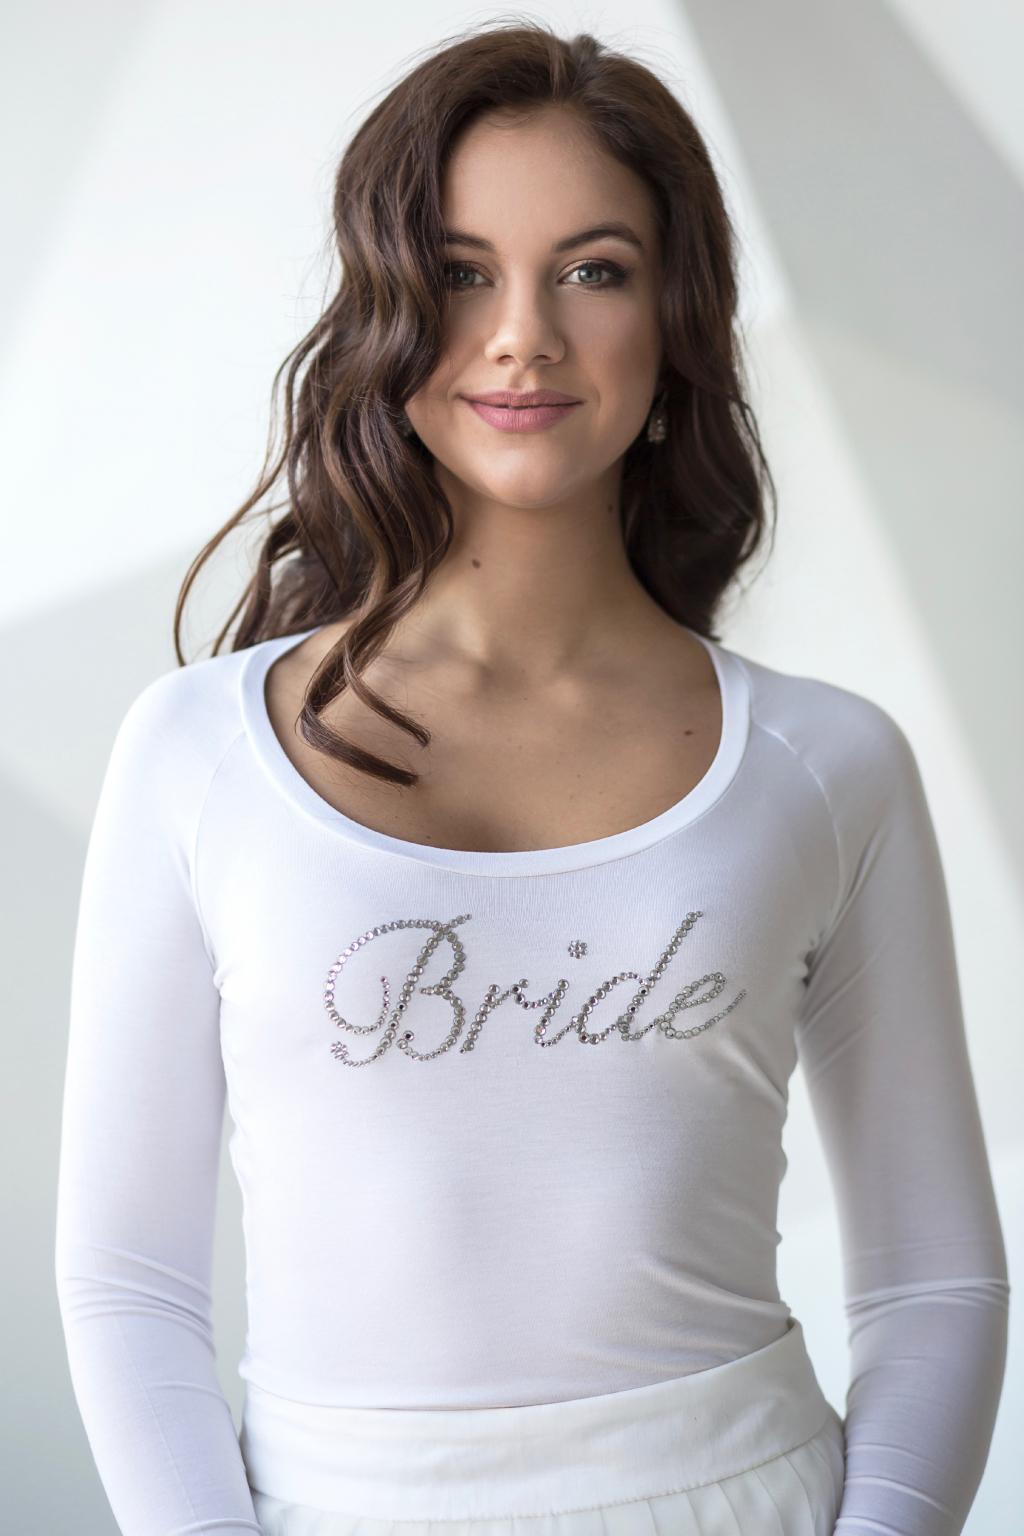 tricko-s-napisem-bride